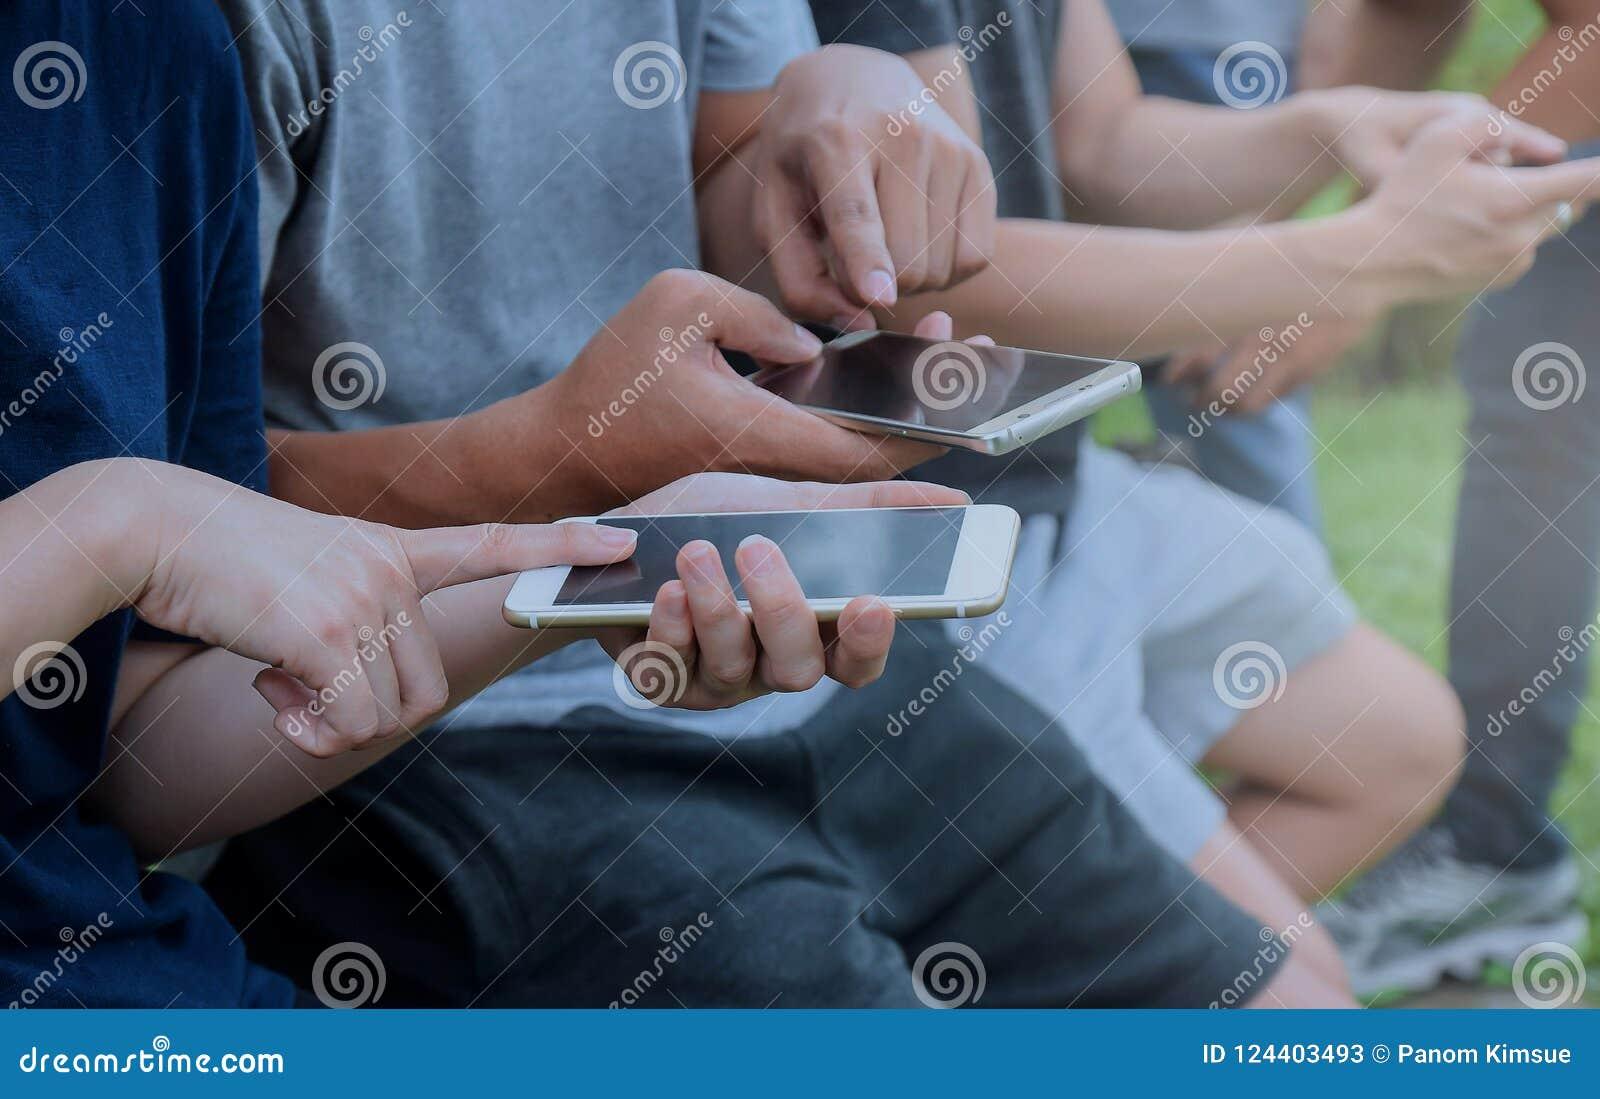 Närbild av smartphones i händerna av kvinnor som utomhus sitter Mötevänner Flickor som använder digitala grejer